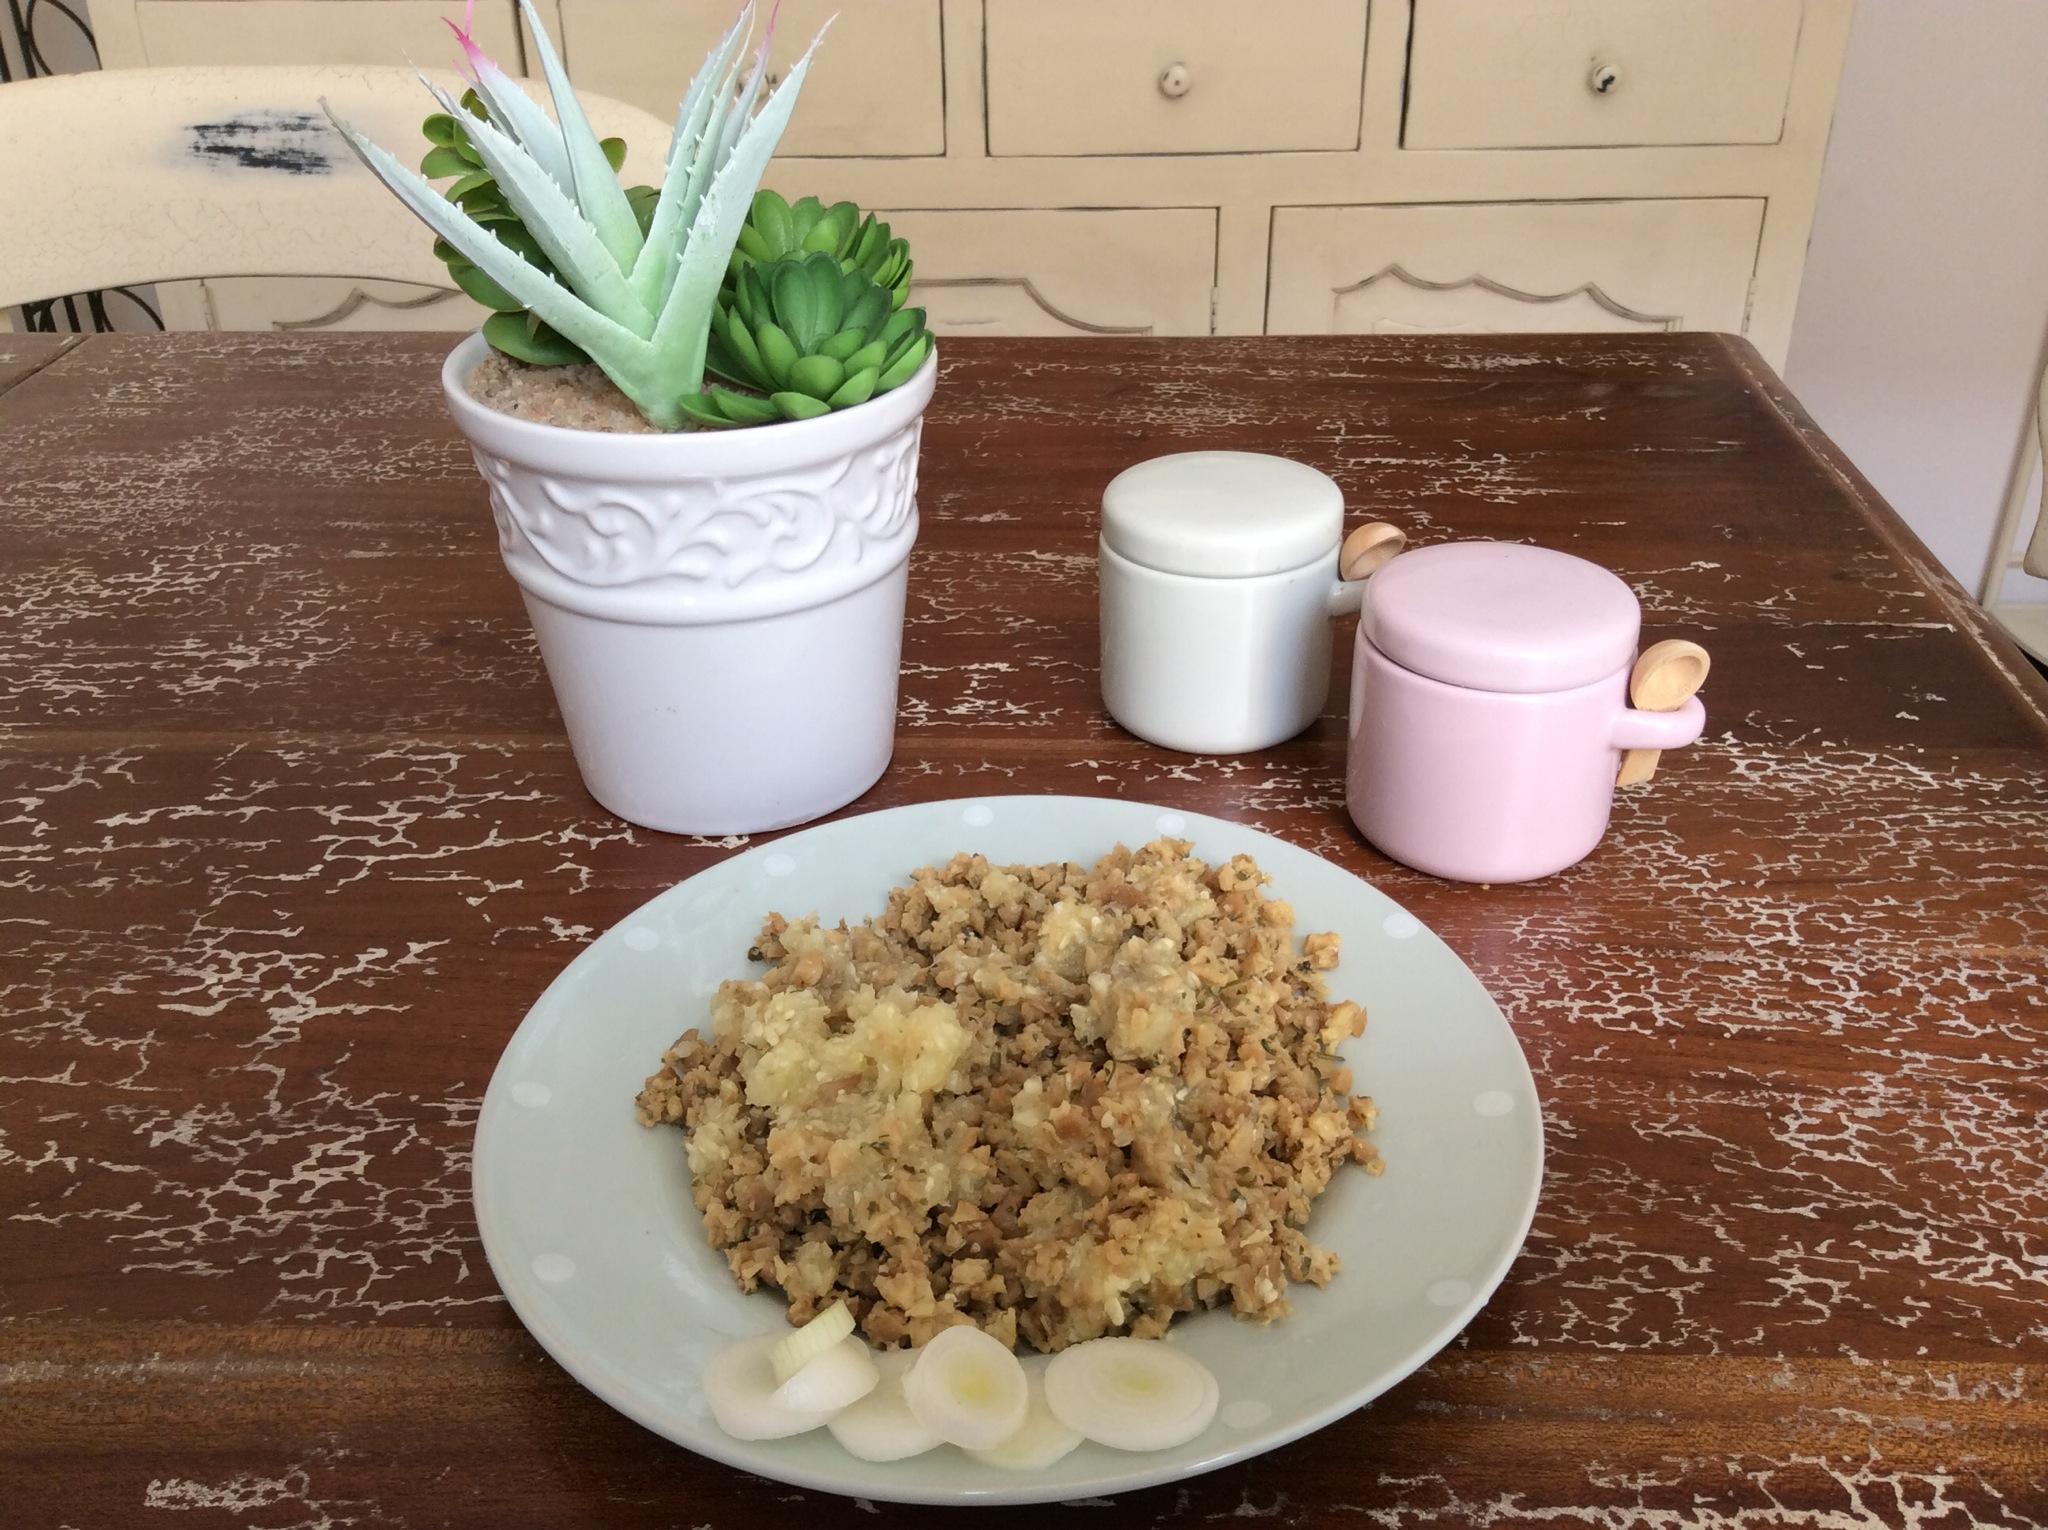 Un secondo dal gusto vegano: Zucchine ripiene di setain